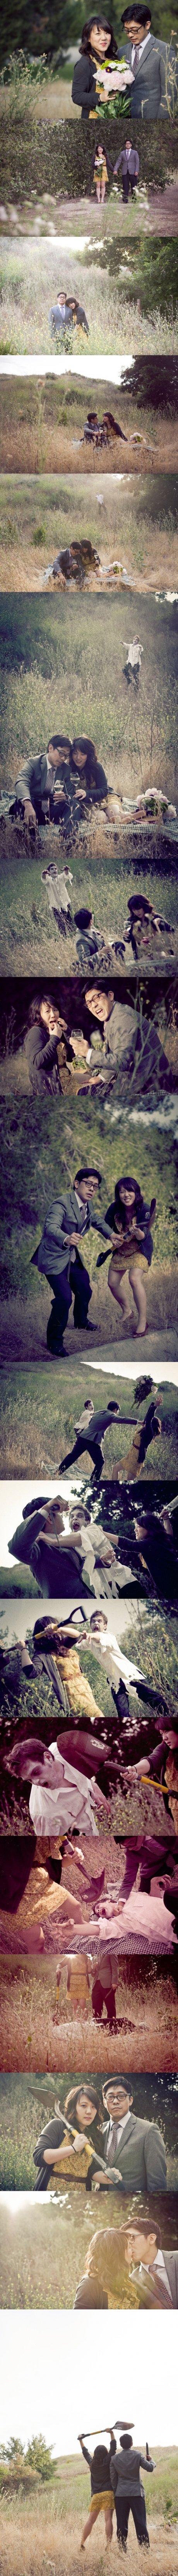 A wedding photo.. . A wedding photo